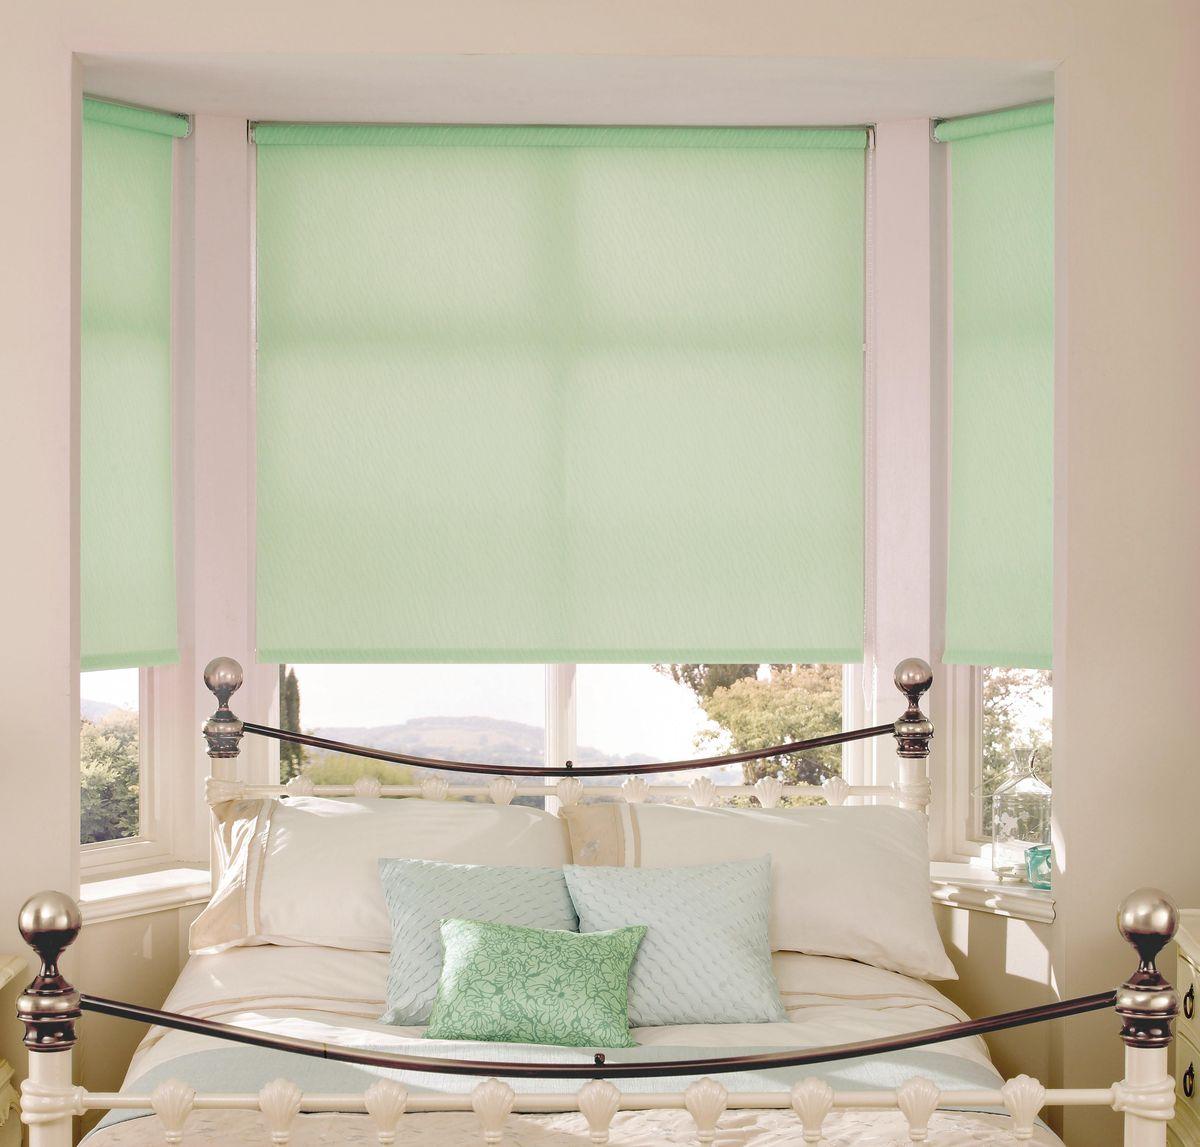 Штора рулонная Эскар, цвет: светло-зеленый, ширина 60 см, высота 170 см81017060170Рулонными шторами можно оформлять окна как самостоятельно, так и использовать в комбинации с портьерами. Это поможет предотвратить выгорание дорогой ткани на солнце и соединит функционал рулонных с красотой навесных.Преимущества применения рулонных штор для пластиковых окон:- имеют прекрасный внешний вид: многообразие и фактурность материала изделия отлично смотрятся в любом интерьере; - многофункциональны: есть возможность подобрать шторы способные эффективно защитить комнату от солнца, при этом о на не будет слишком темной. - Есть возможность осуществить быстрый монтаж. ВНИМАНИЕ! Размеры ширины изделия указаны по ширине ткани!Во время эксплуатации не рекомендуется полностью разматывать рулон, чтобы не оторвать ткань от намоточного вала.В случае загрязнения поверхности ткани, чистку шторы проводят одним из способов, в зависимости от типа загрязнения: легкое поверхностное загрязнение можно удалить при помощи канцелярского ластика; чистка от пыли производится сухим методом при помощи пылесоса с мягкой щеткой-насадкой; для удаления пятна используйте мягкую губку с пенообразующим неагрессивным моющим средством или пятновыводитель на натуральной основе (нельзя применять растворители).